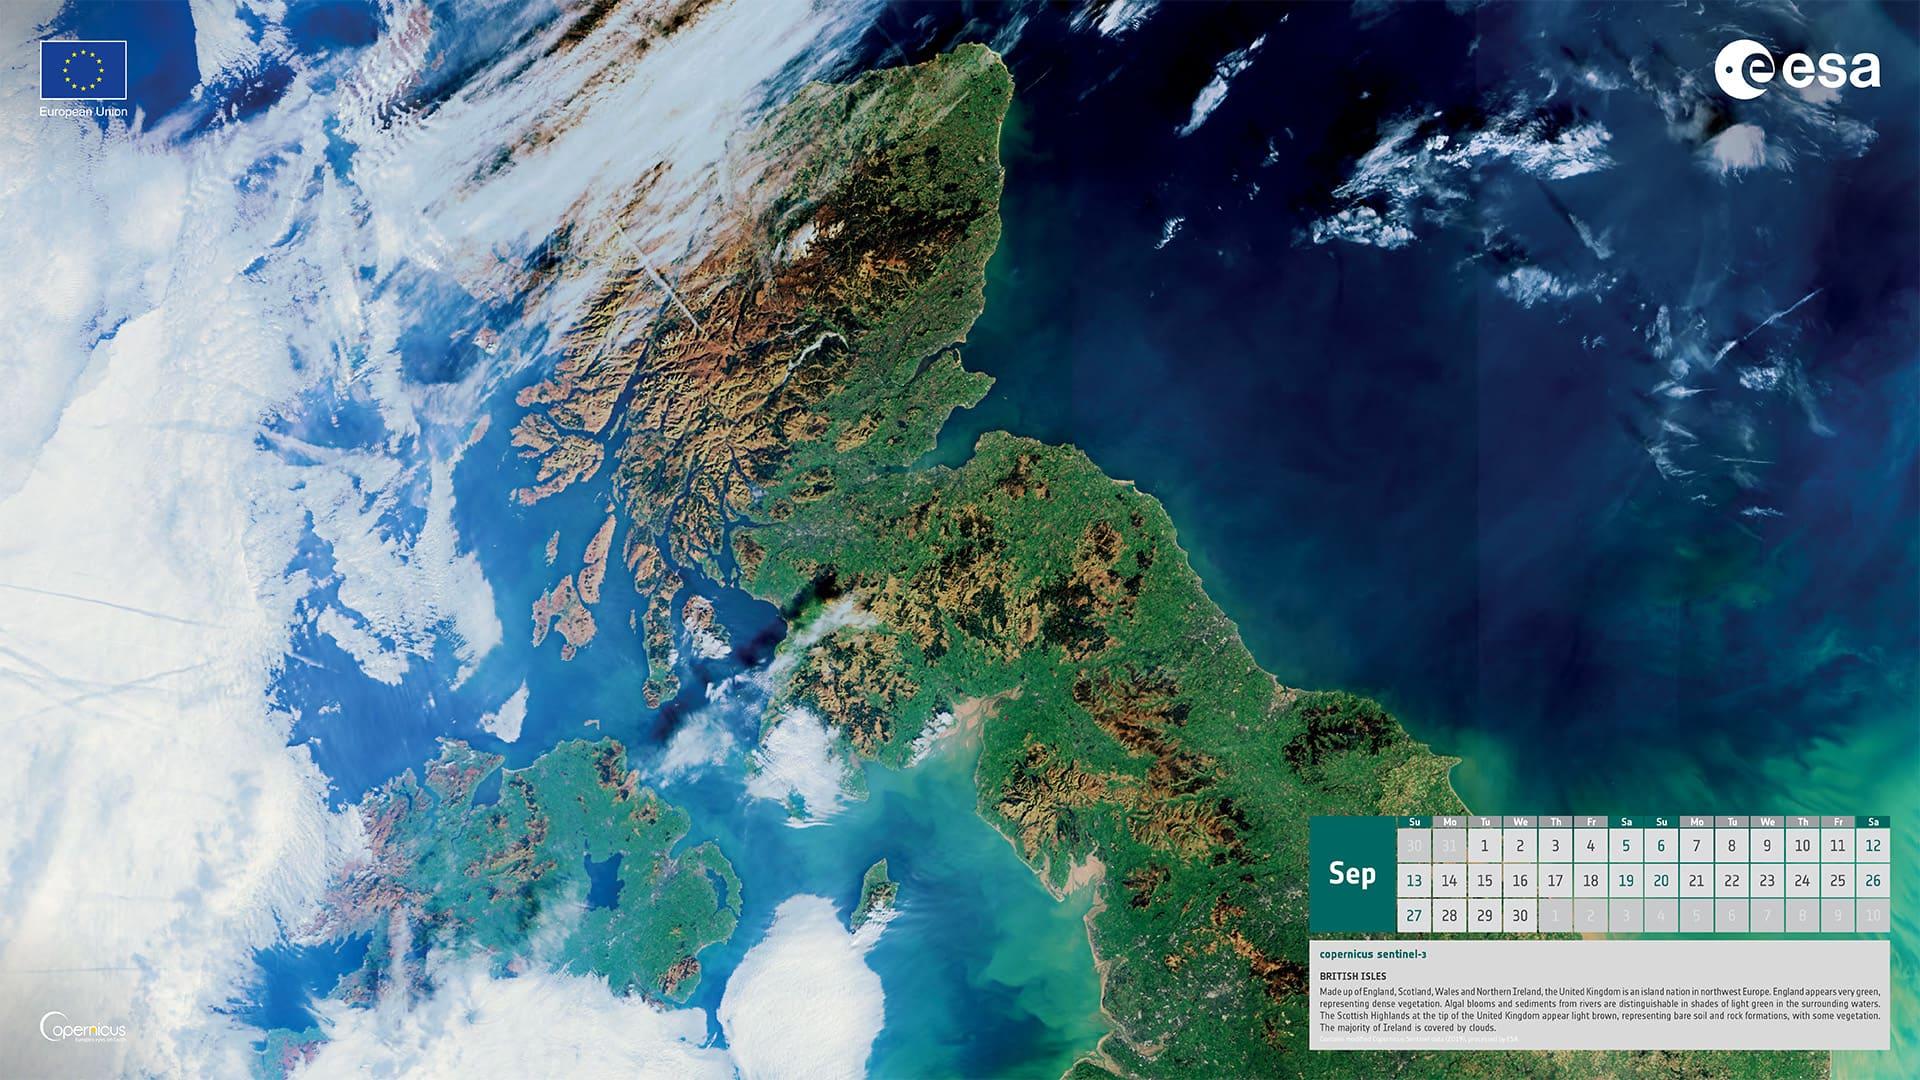 Septembre 2020 - Îles britanniques